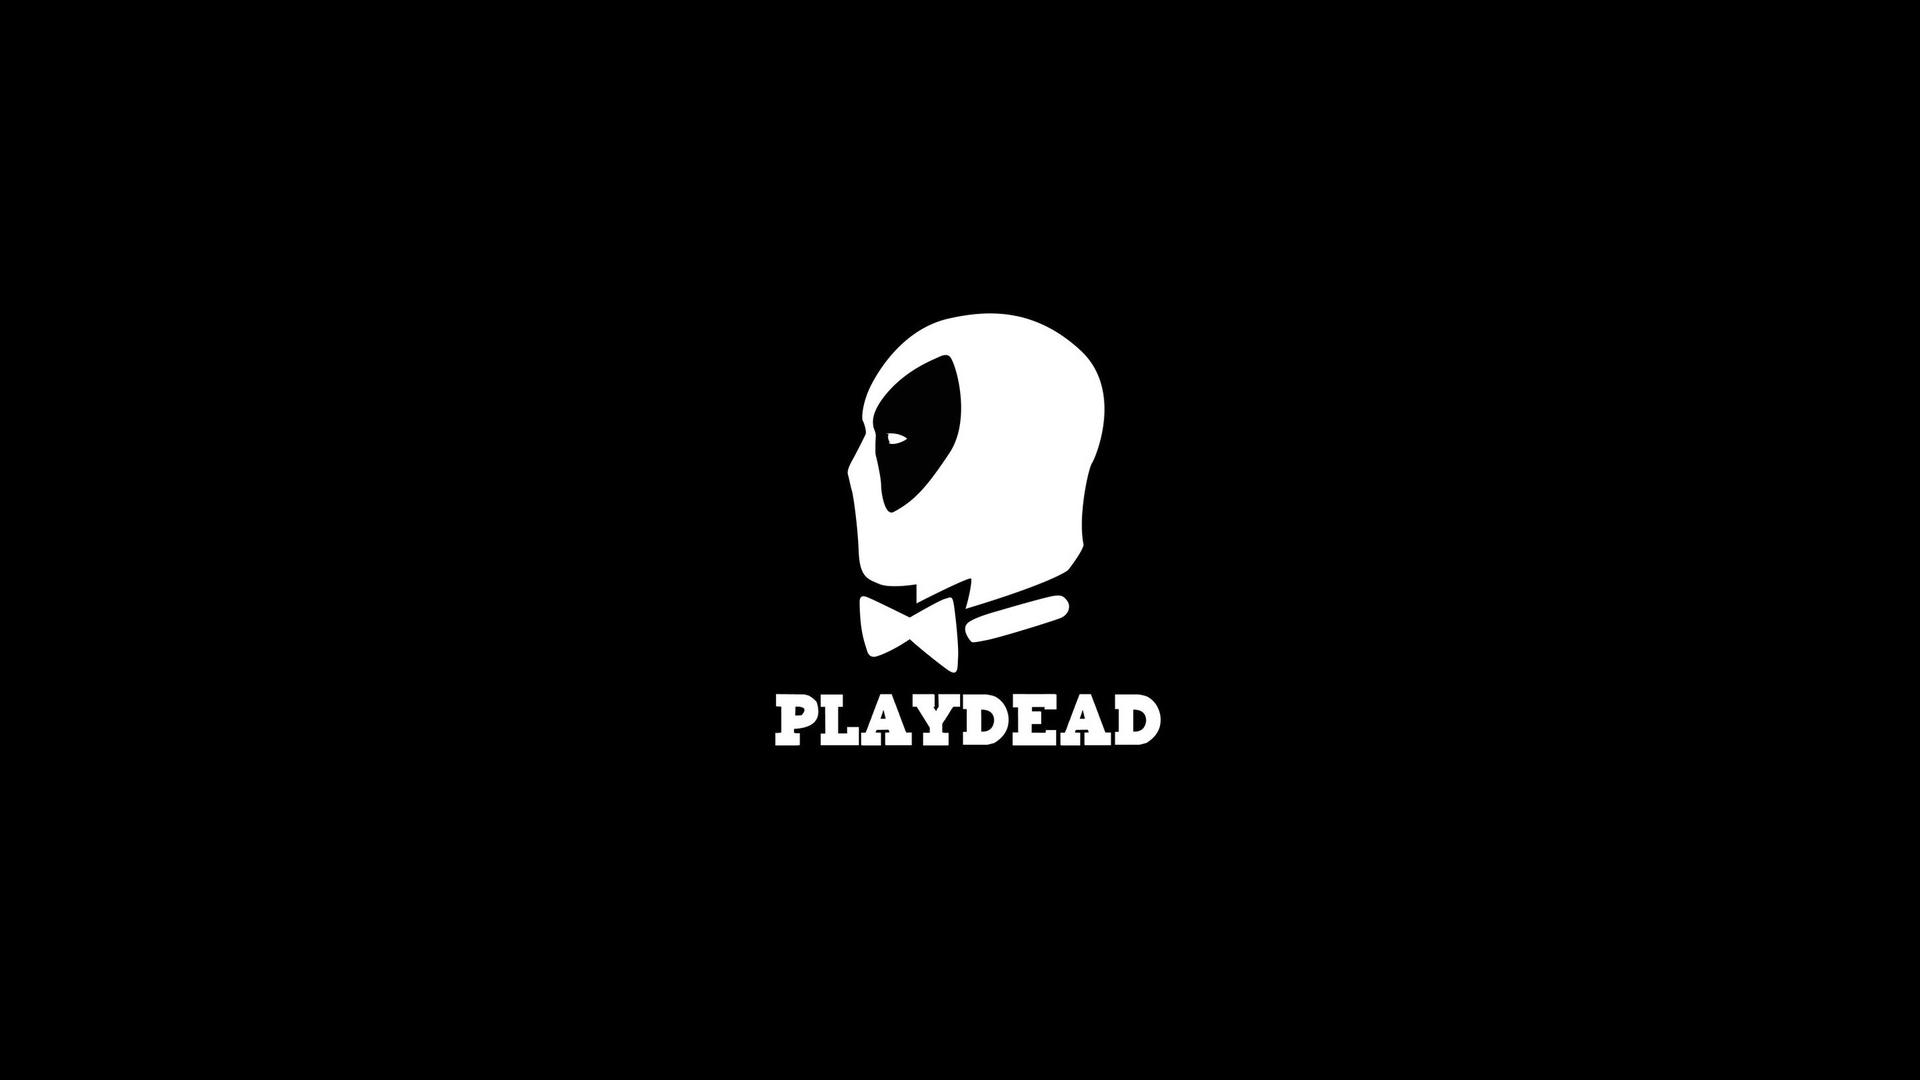 Deadpool background free download | PixelsTalk Net